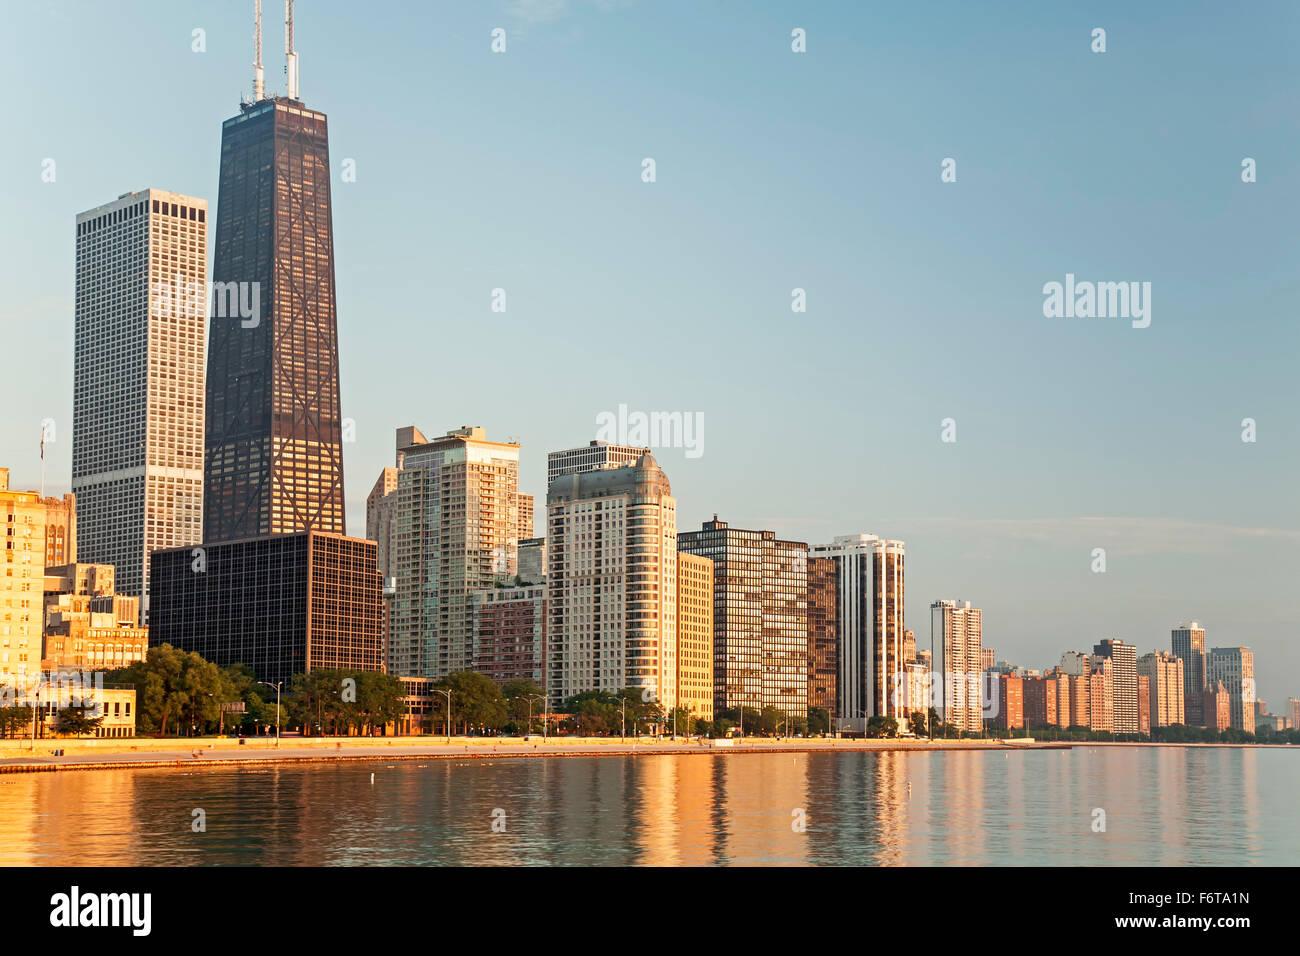 875 N. Michigan Avenue, precedentemente noto come Hancock Tower Center (più alto), skyline e il lago Michigan, Immagini Stock